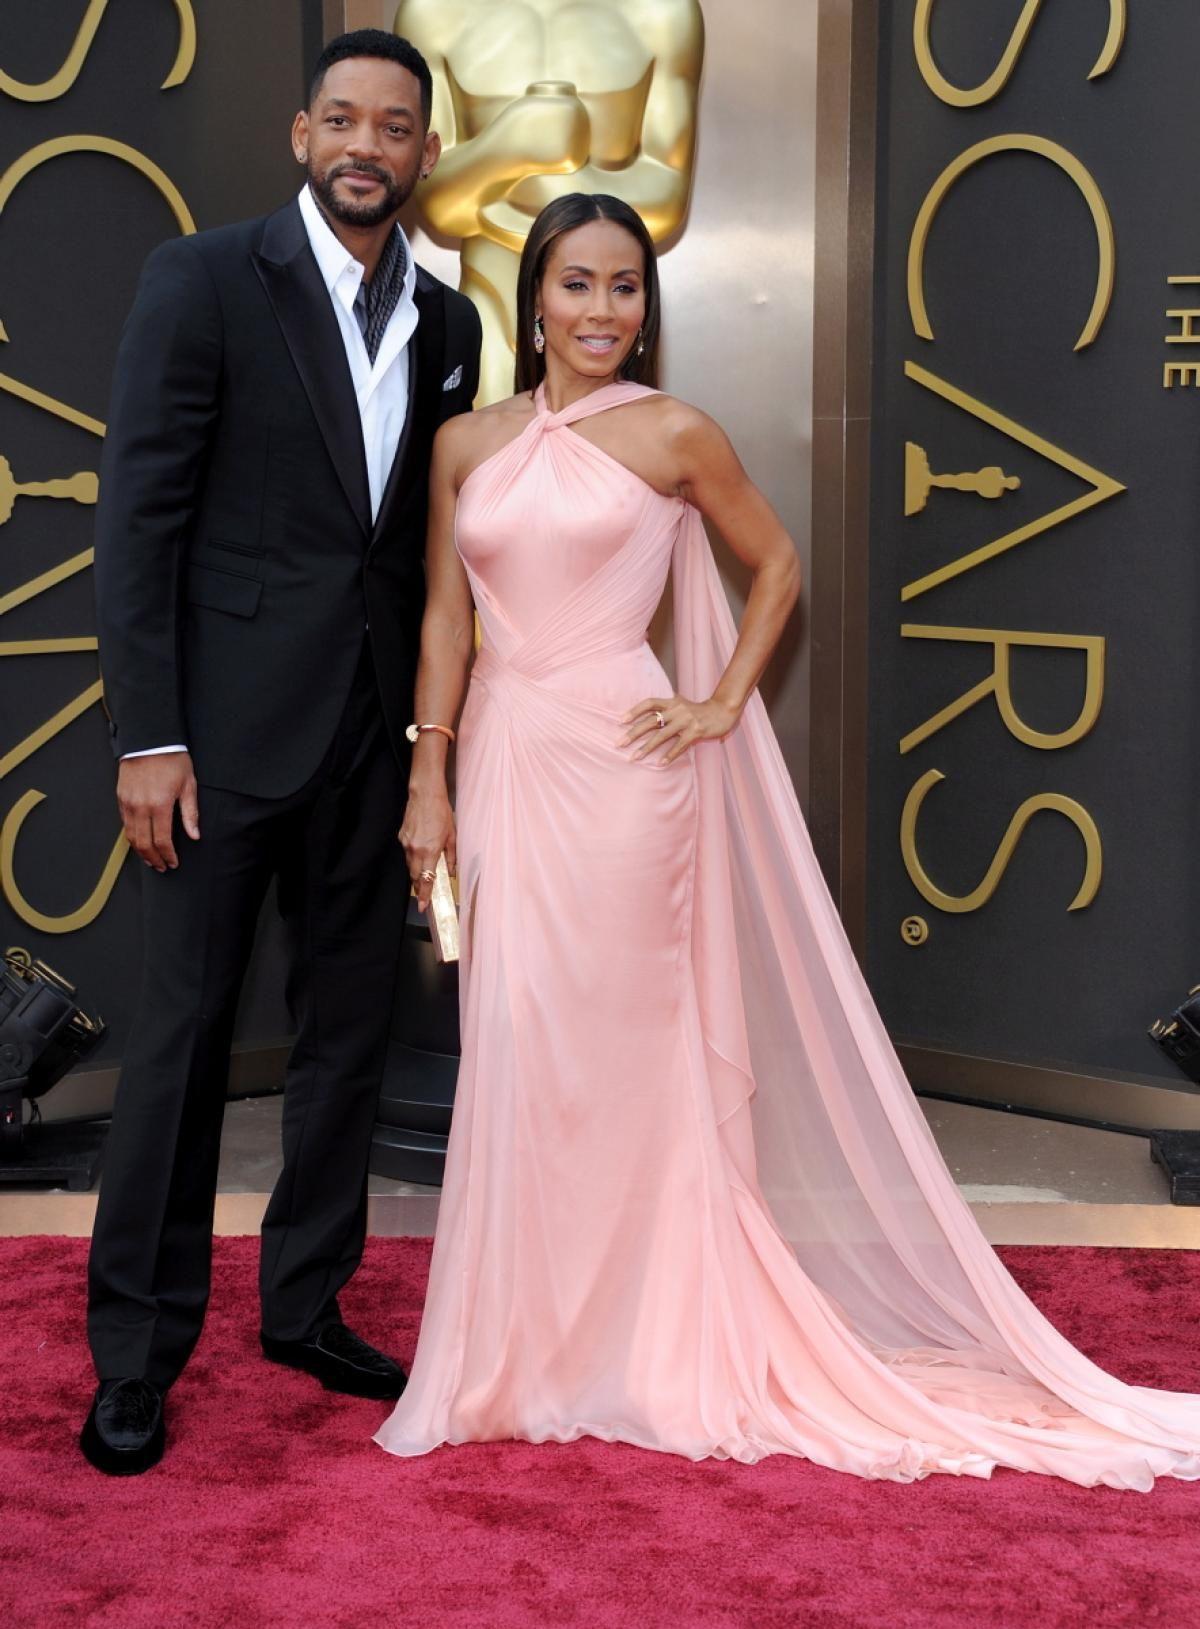 Will Smith and Jada Pinkett Smith - Photos - Academy Awards red ...